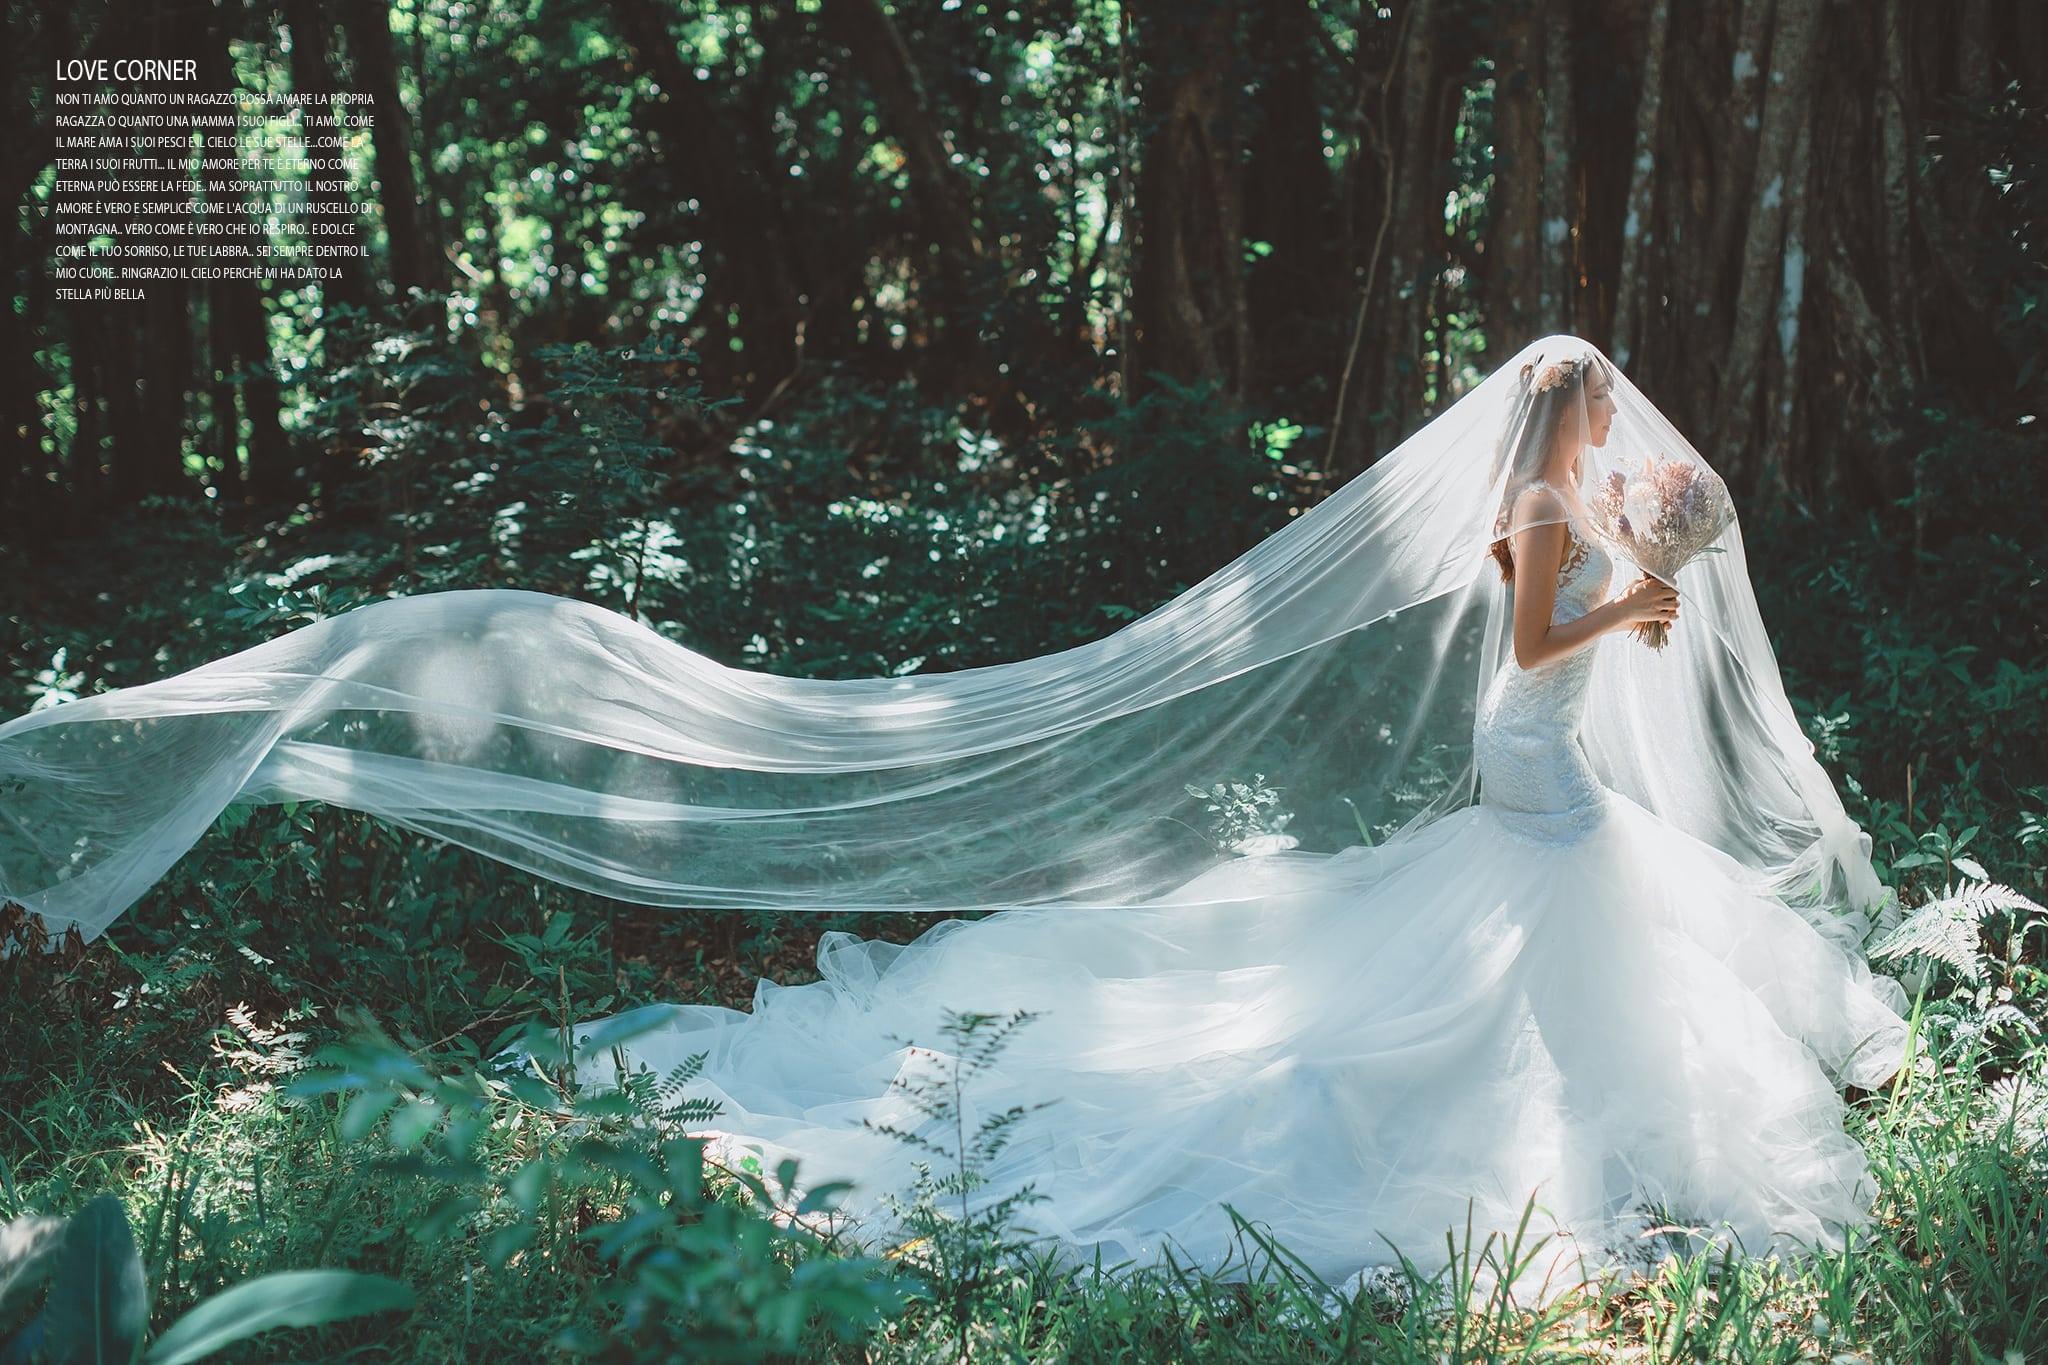 墾丁森林系婚紗景點|海景婚紗推薦